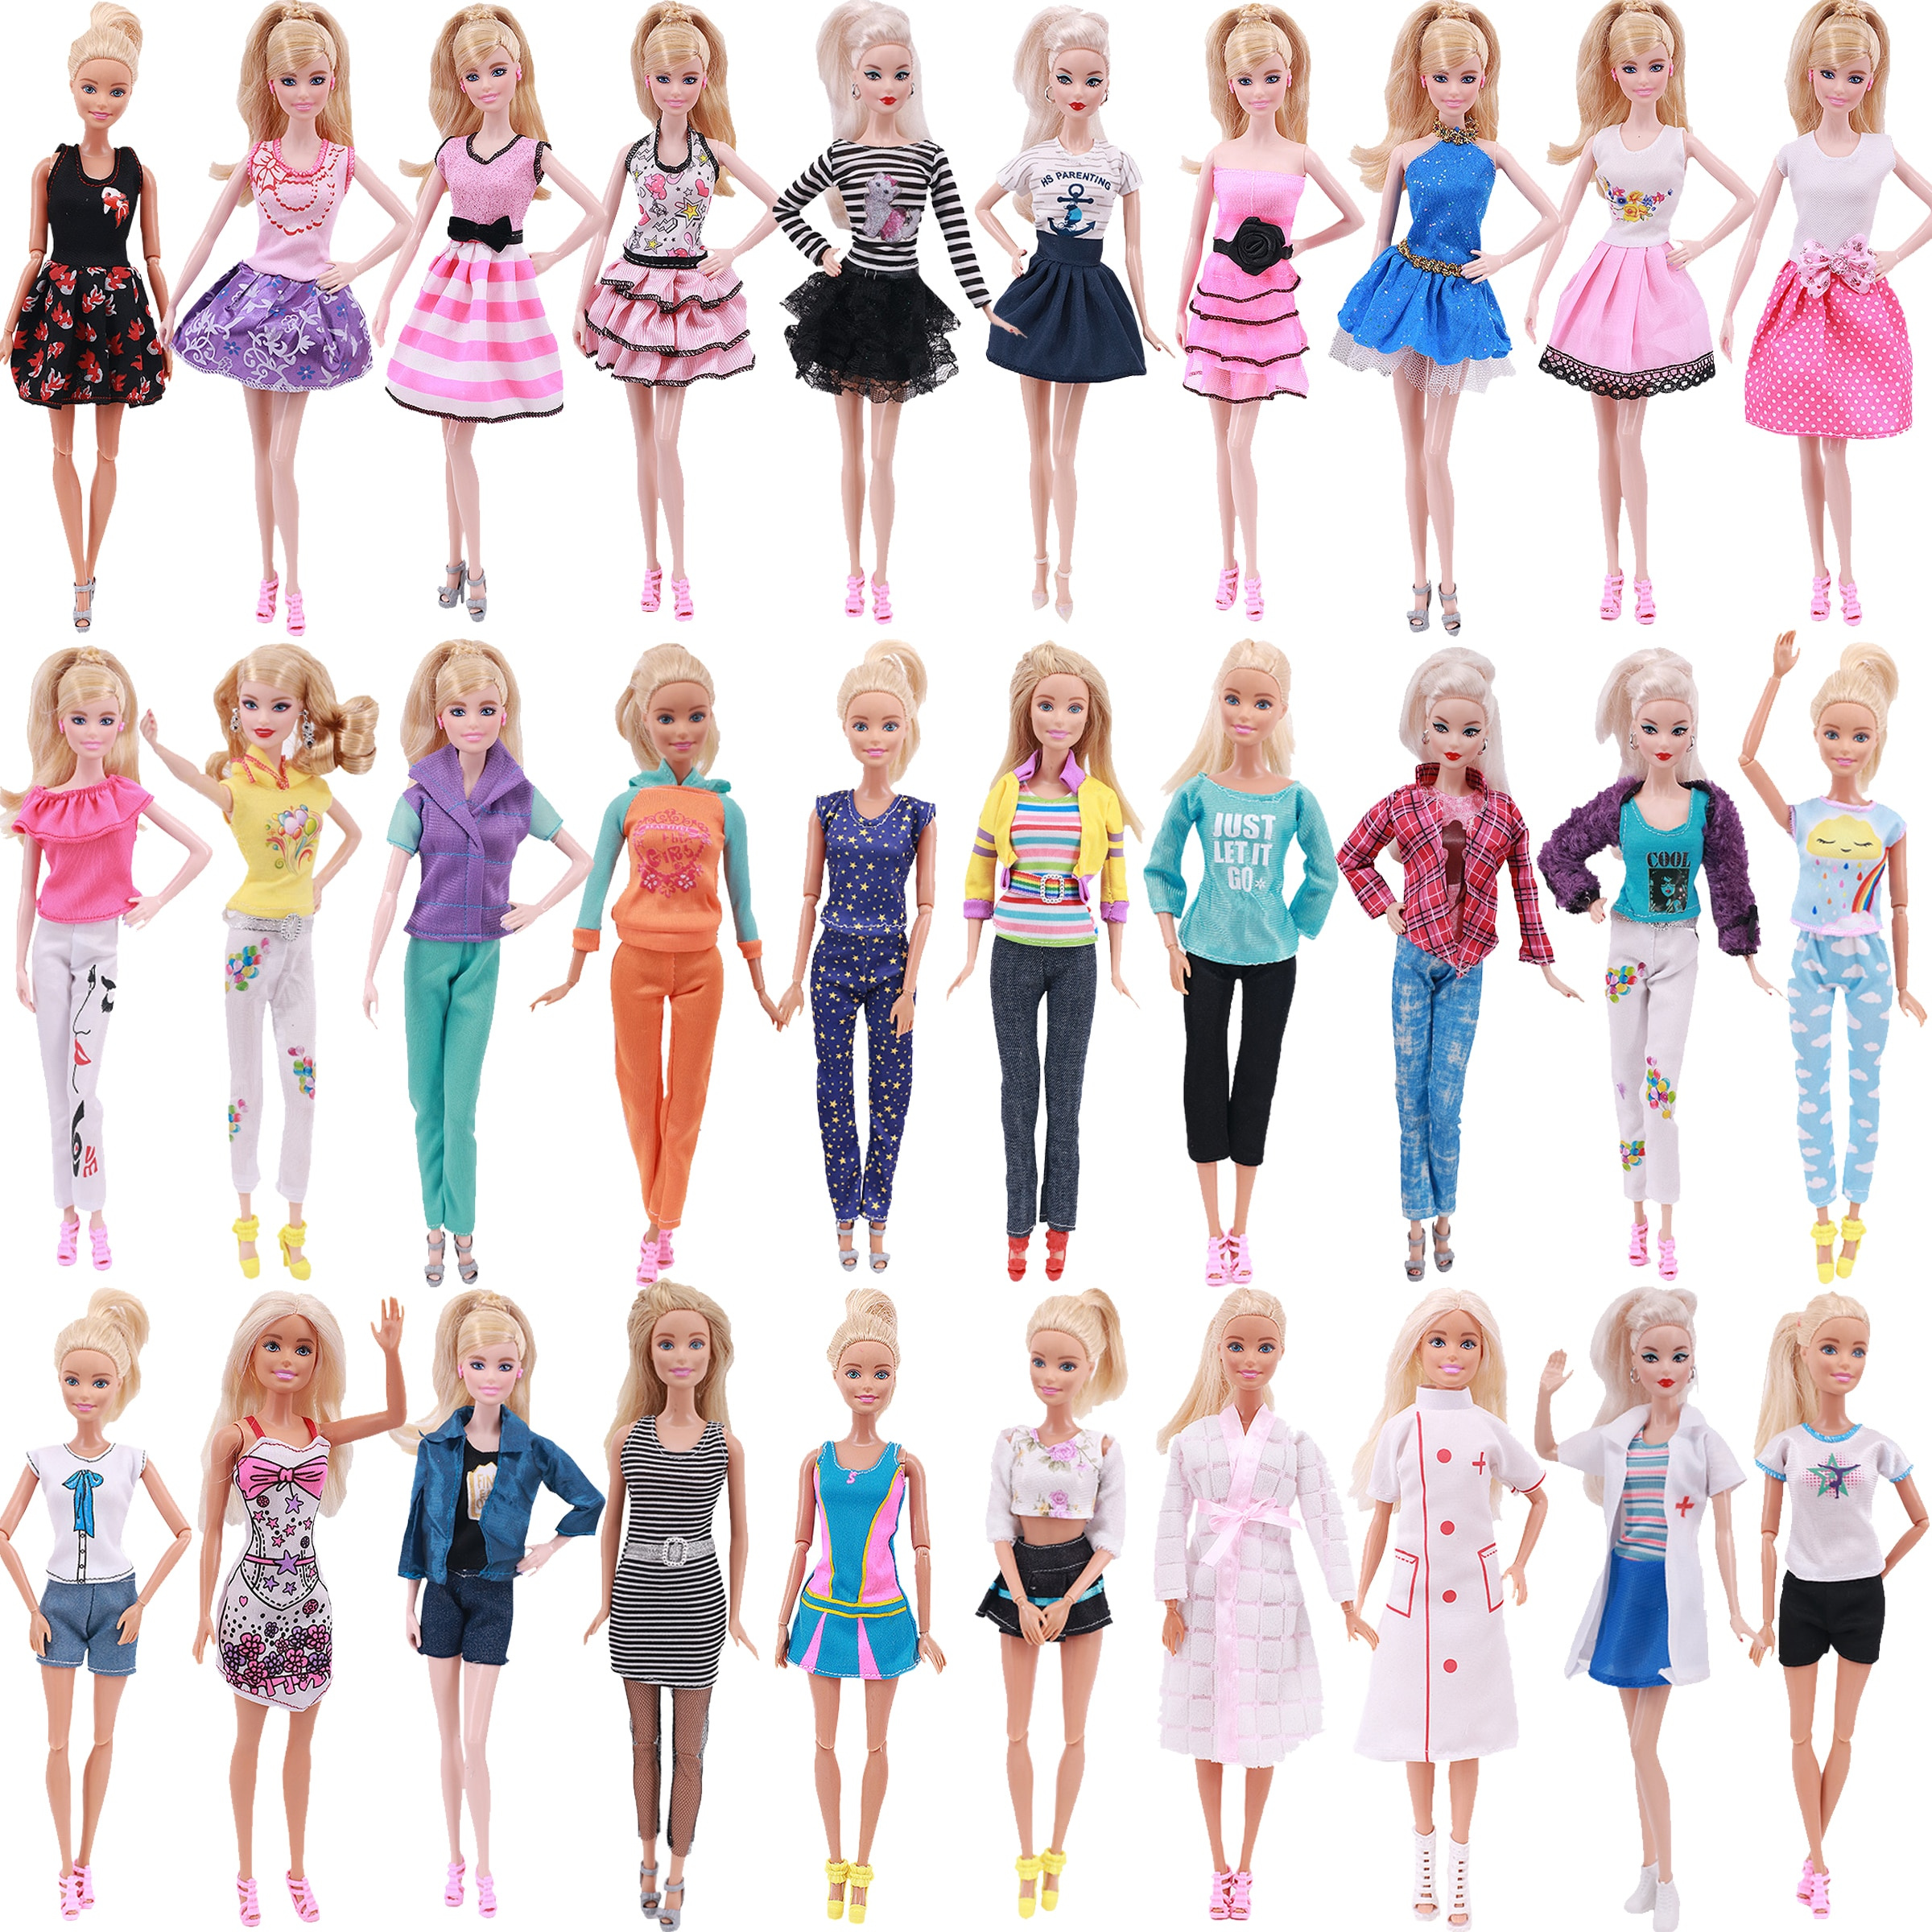 Одежда для Барби 3 шт. наряд ручной работы Повседневная футболка одежда + отправить 1 шт. обувь для куклы Барби благородный аксессуар для вече...